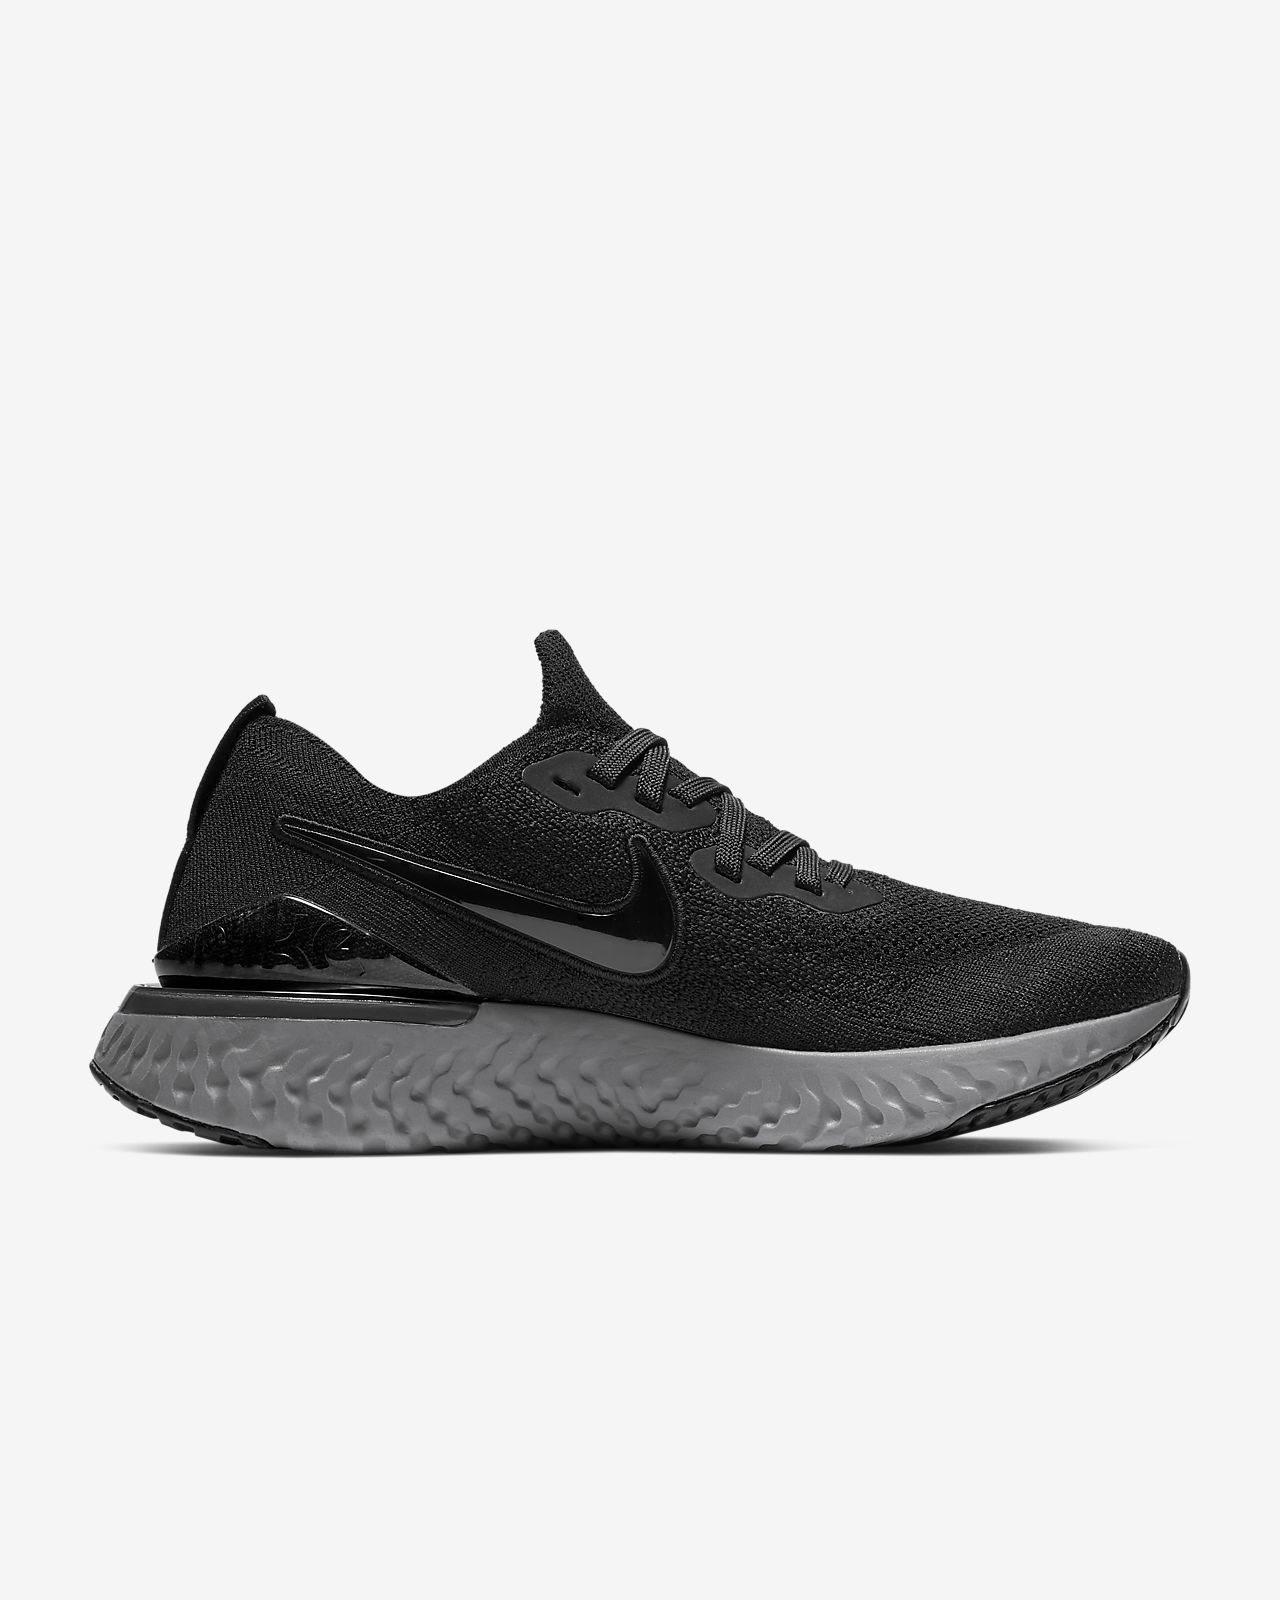 Design Dine Egne Nike Free Sko Wmns Sneaker Nike Kup